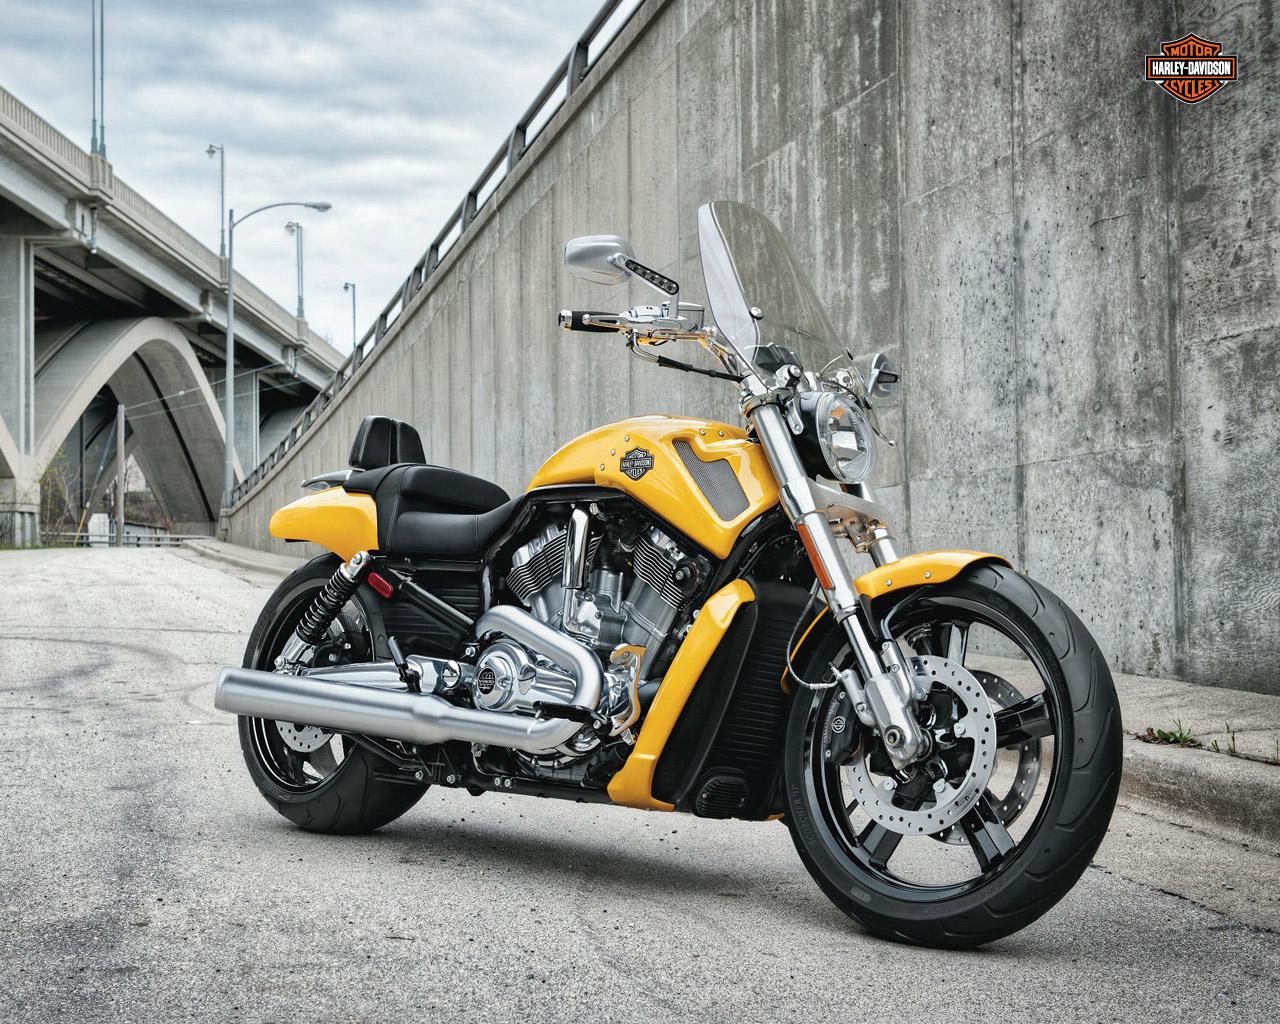 Harley Davidson 2012 Harley Davidson Vrscf V Rod Muscle